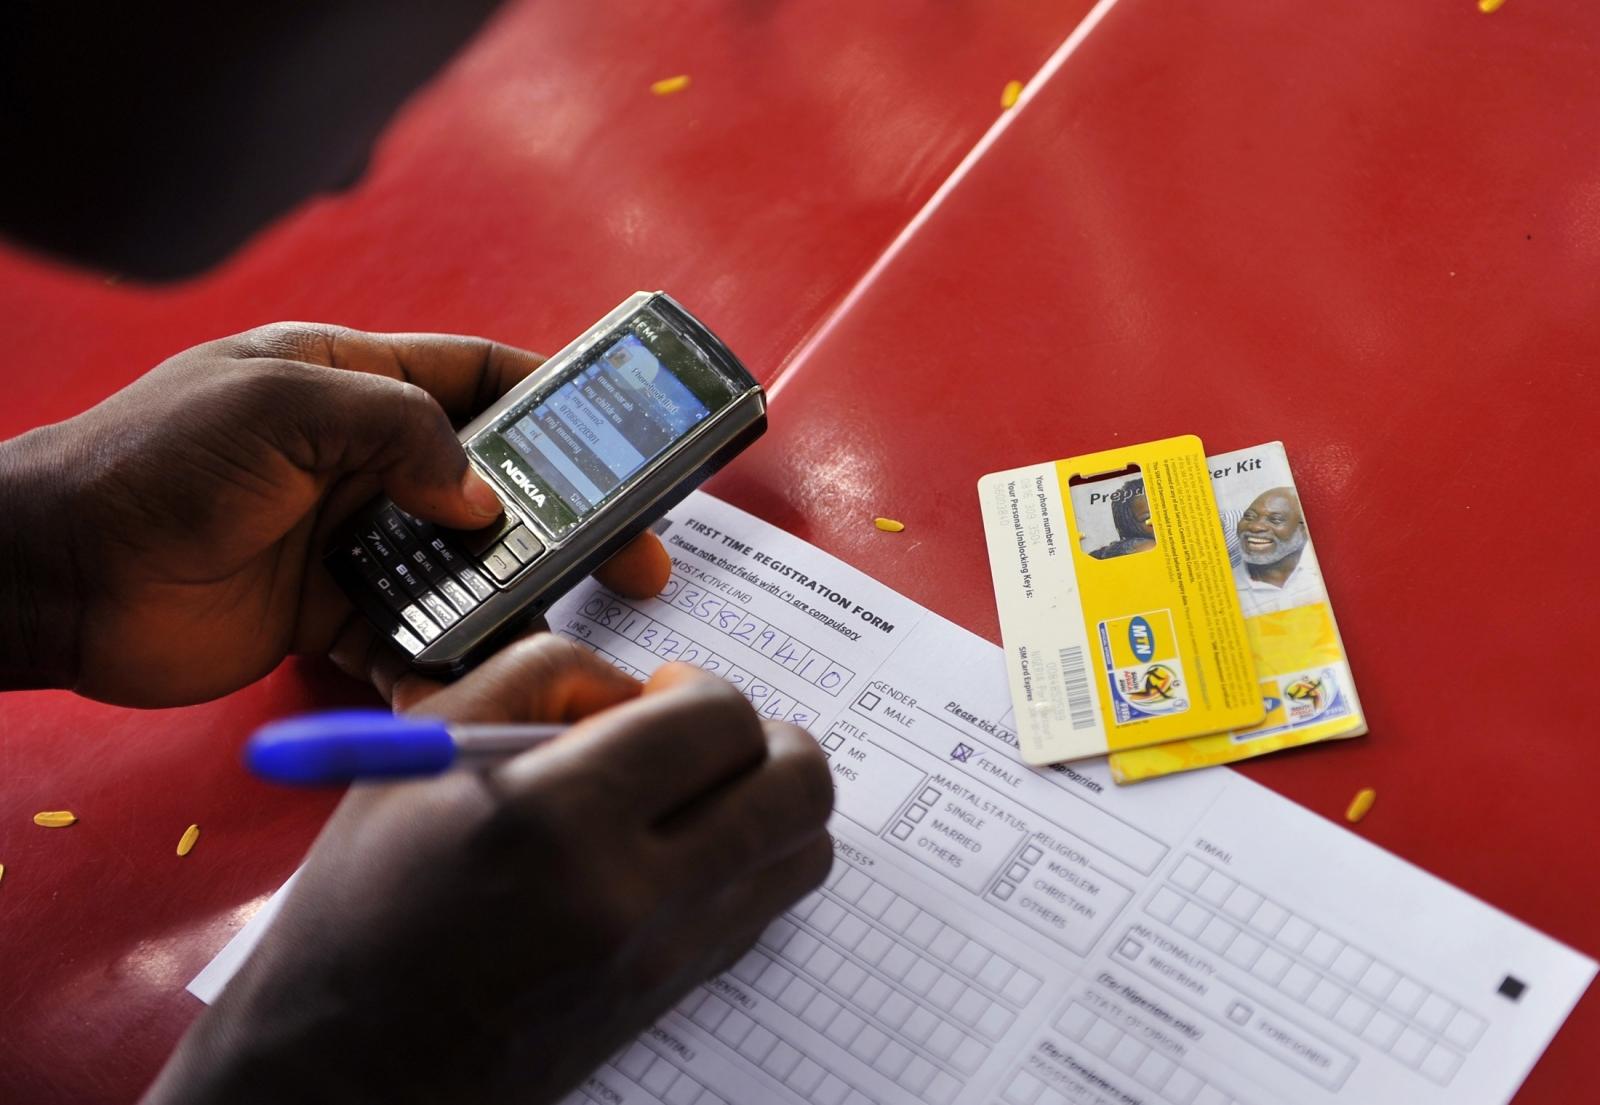 Boko Haram Nigeria mobile phones